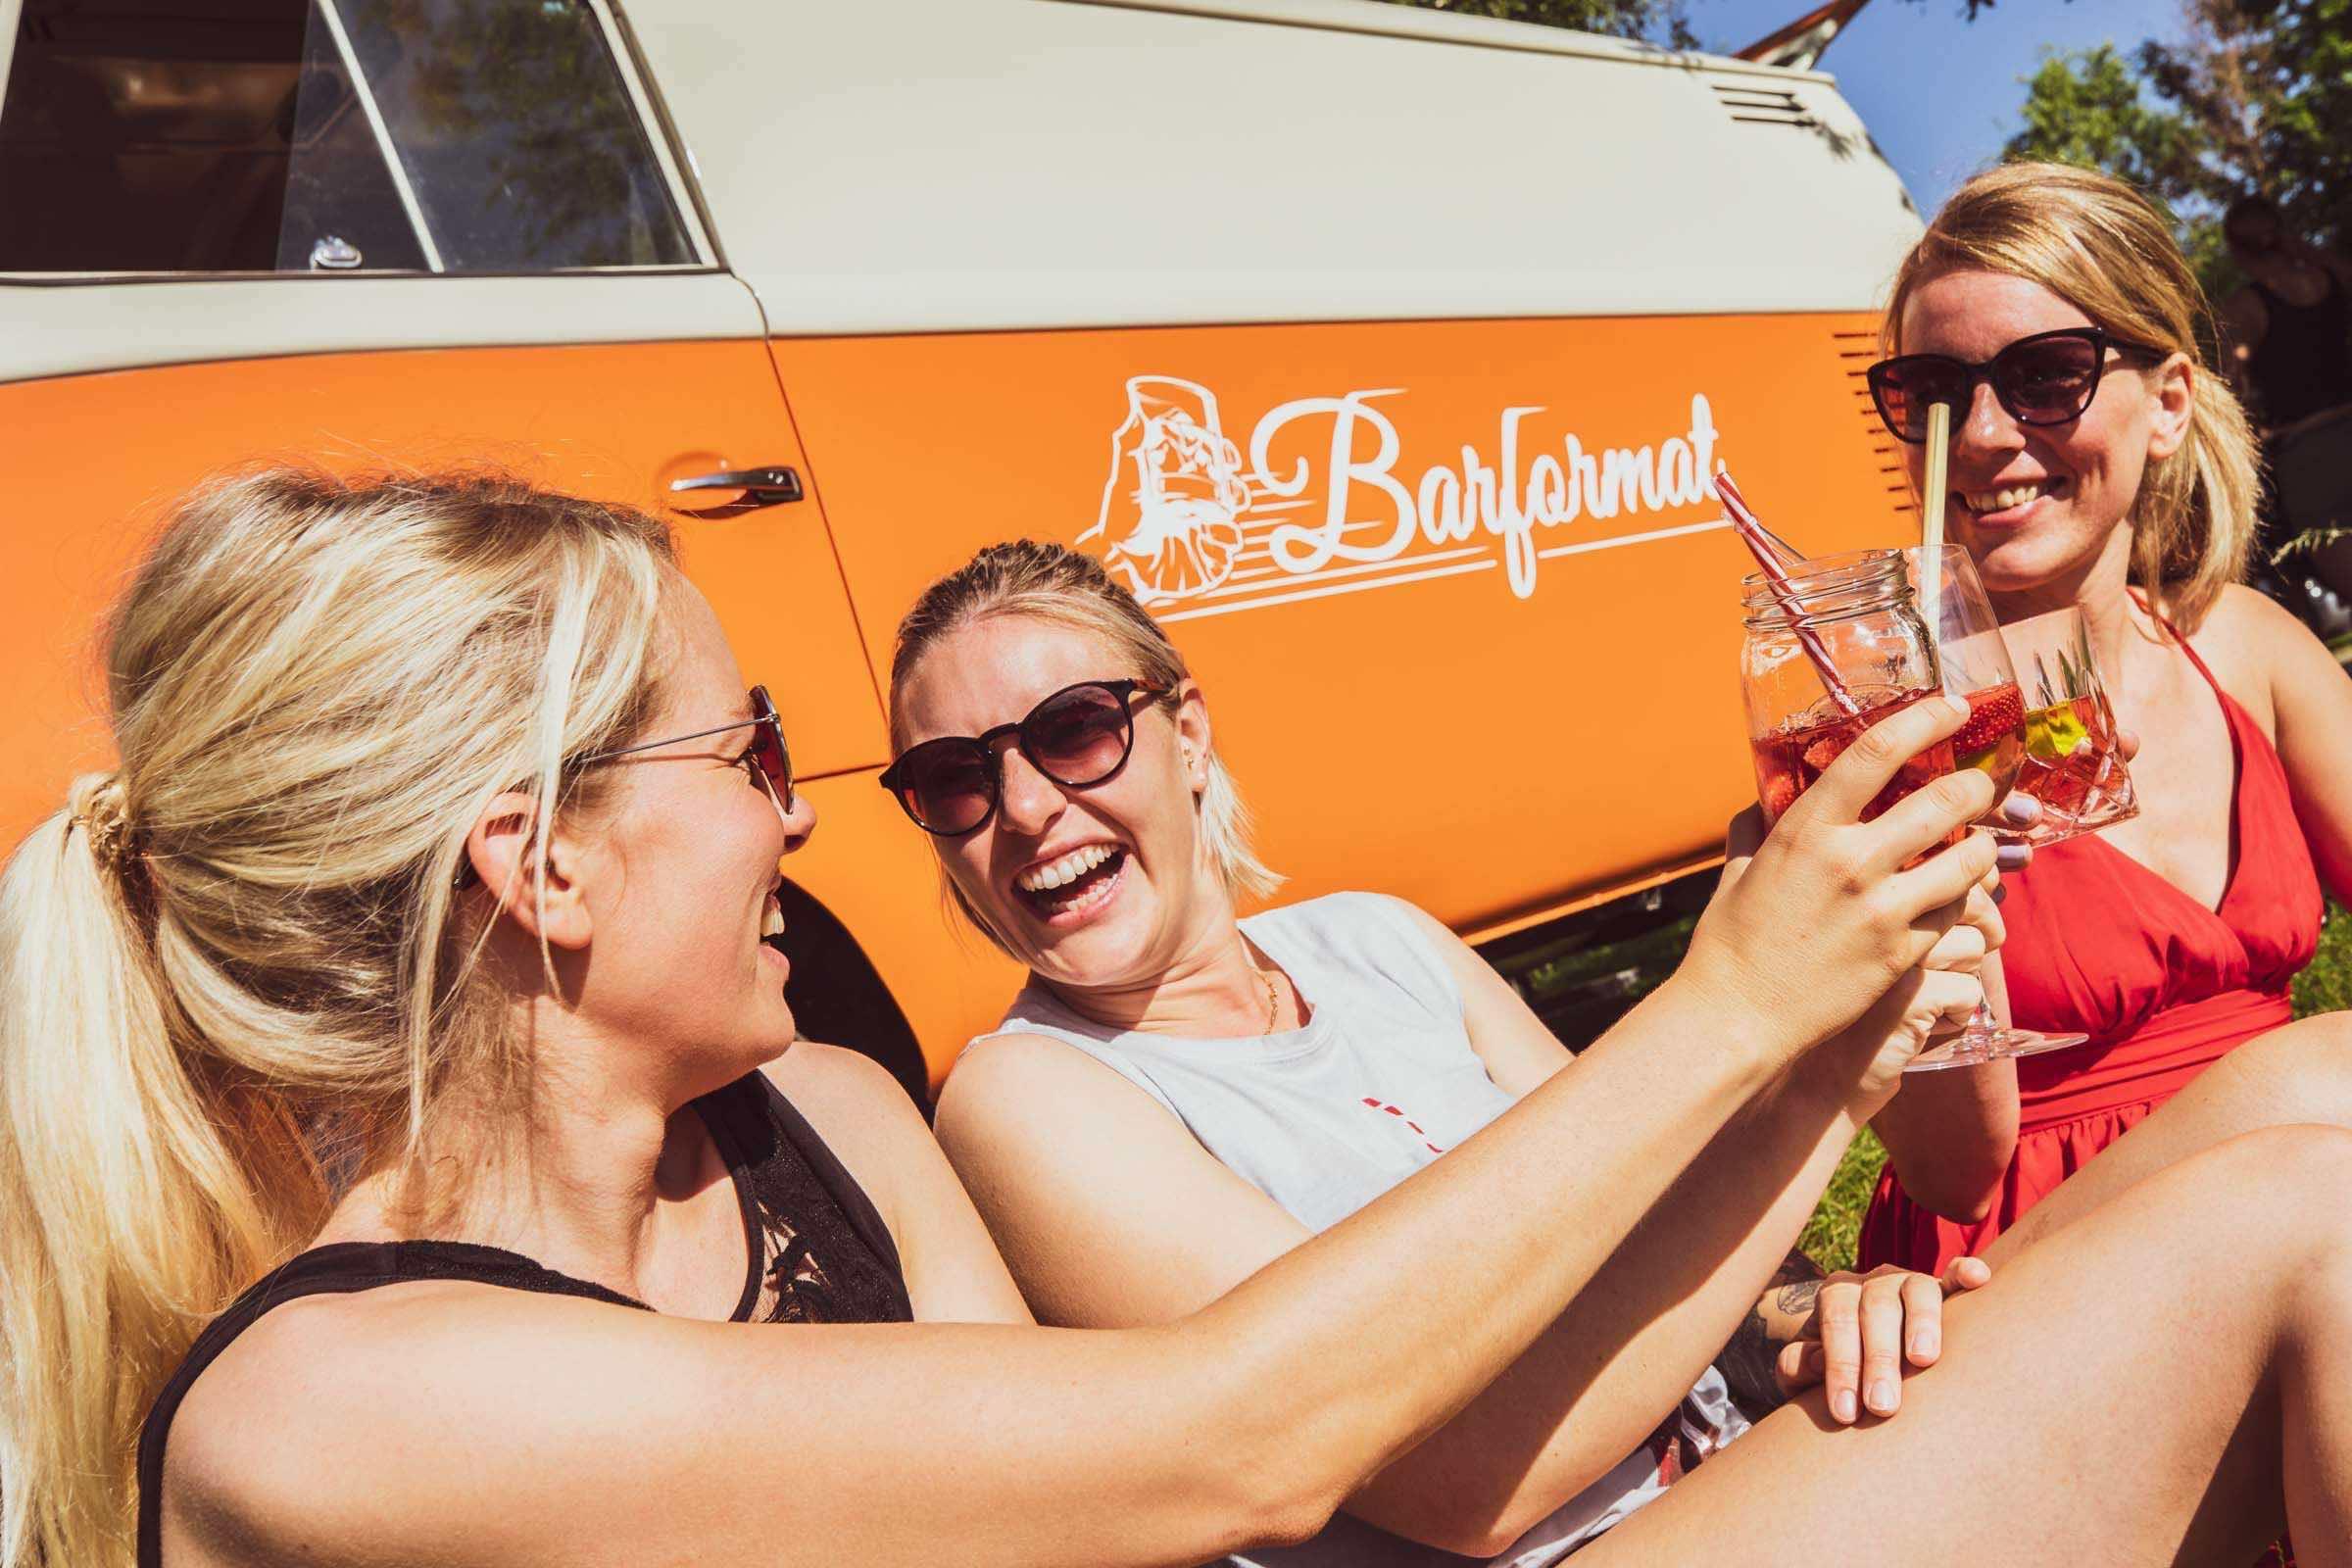 Mobile | Cocktailbar | Hamburg | Hochzeit | Sektempfang | Barkeeper | Mieten | Geburtstag | Ape | VW | Bar | Getränke | Catering | Foodtruck | Weinbar | Ginbar | Sektbar | Messe | Kaffeebar | Cocktails